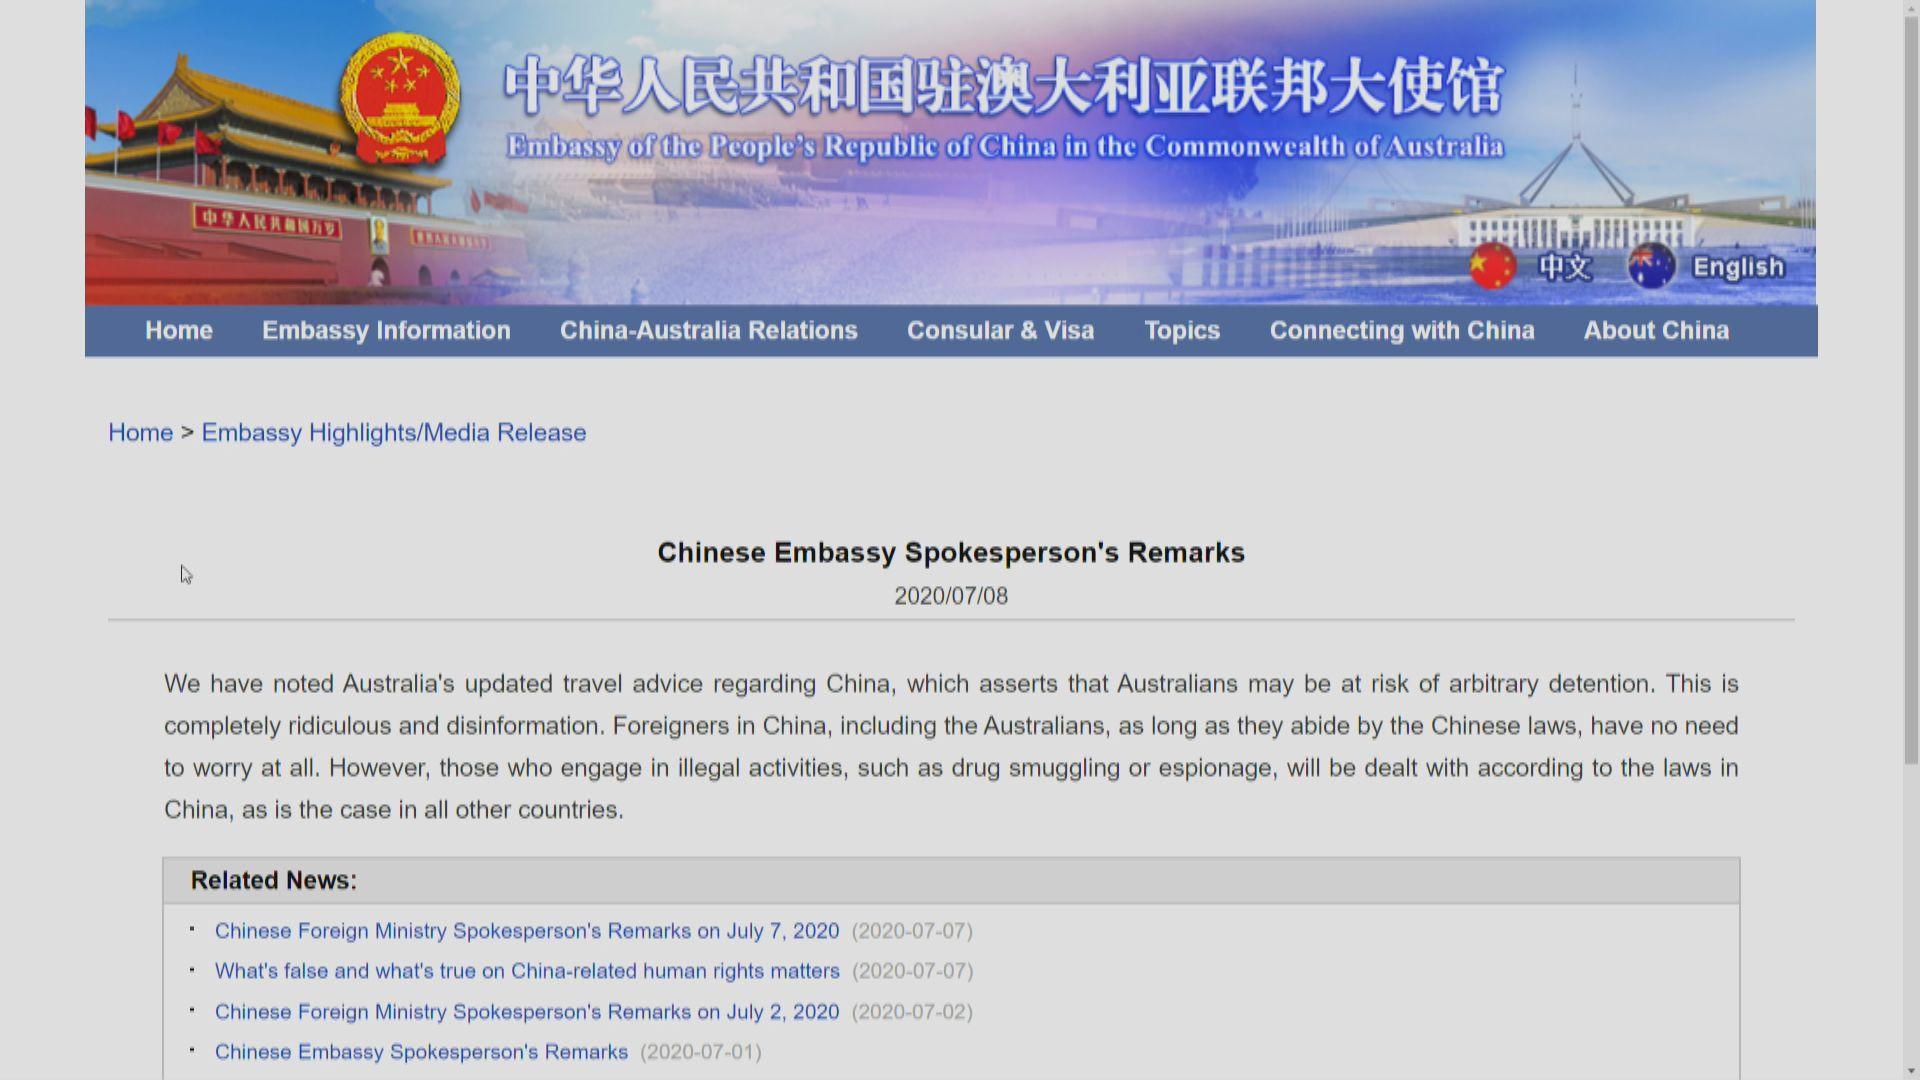 中國反駁澳洲旅遊警示荒謬